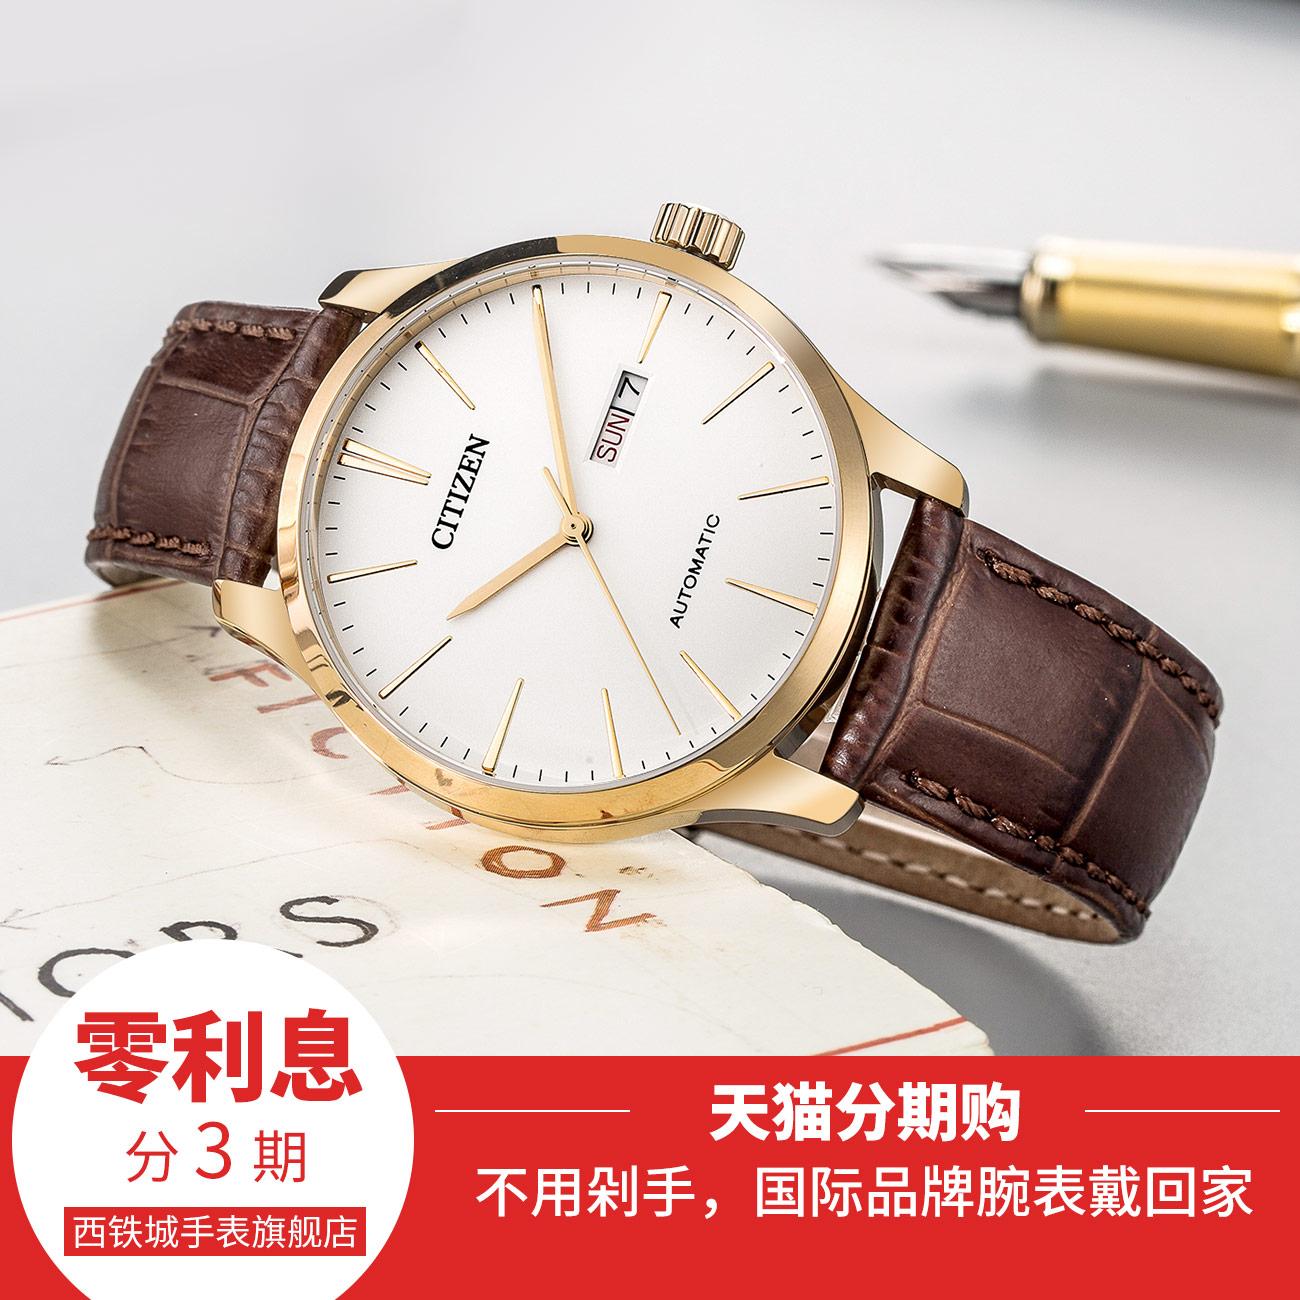 西铁城旗舰店日本自动机械表手表男正品商务NH8353/8350/8360